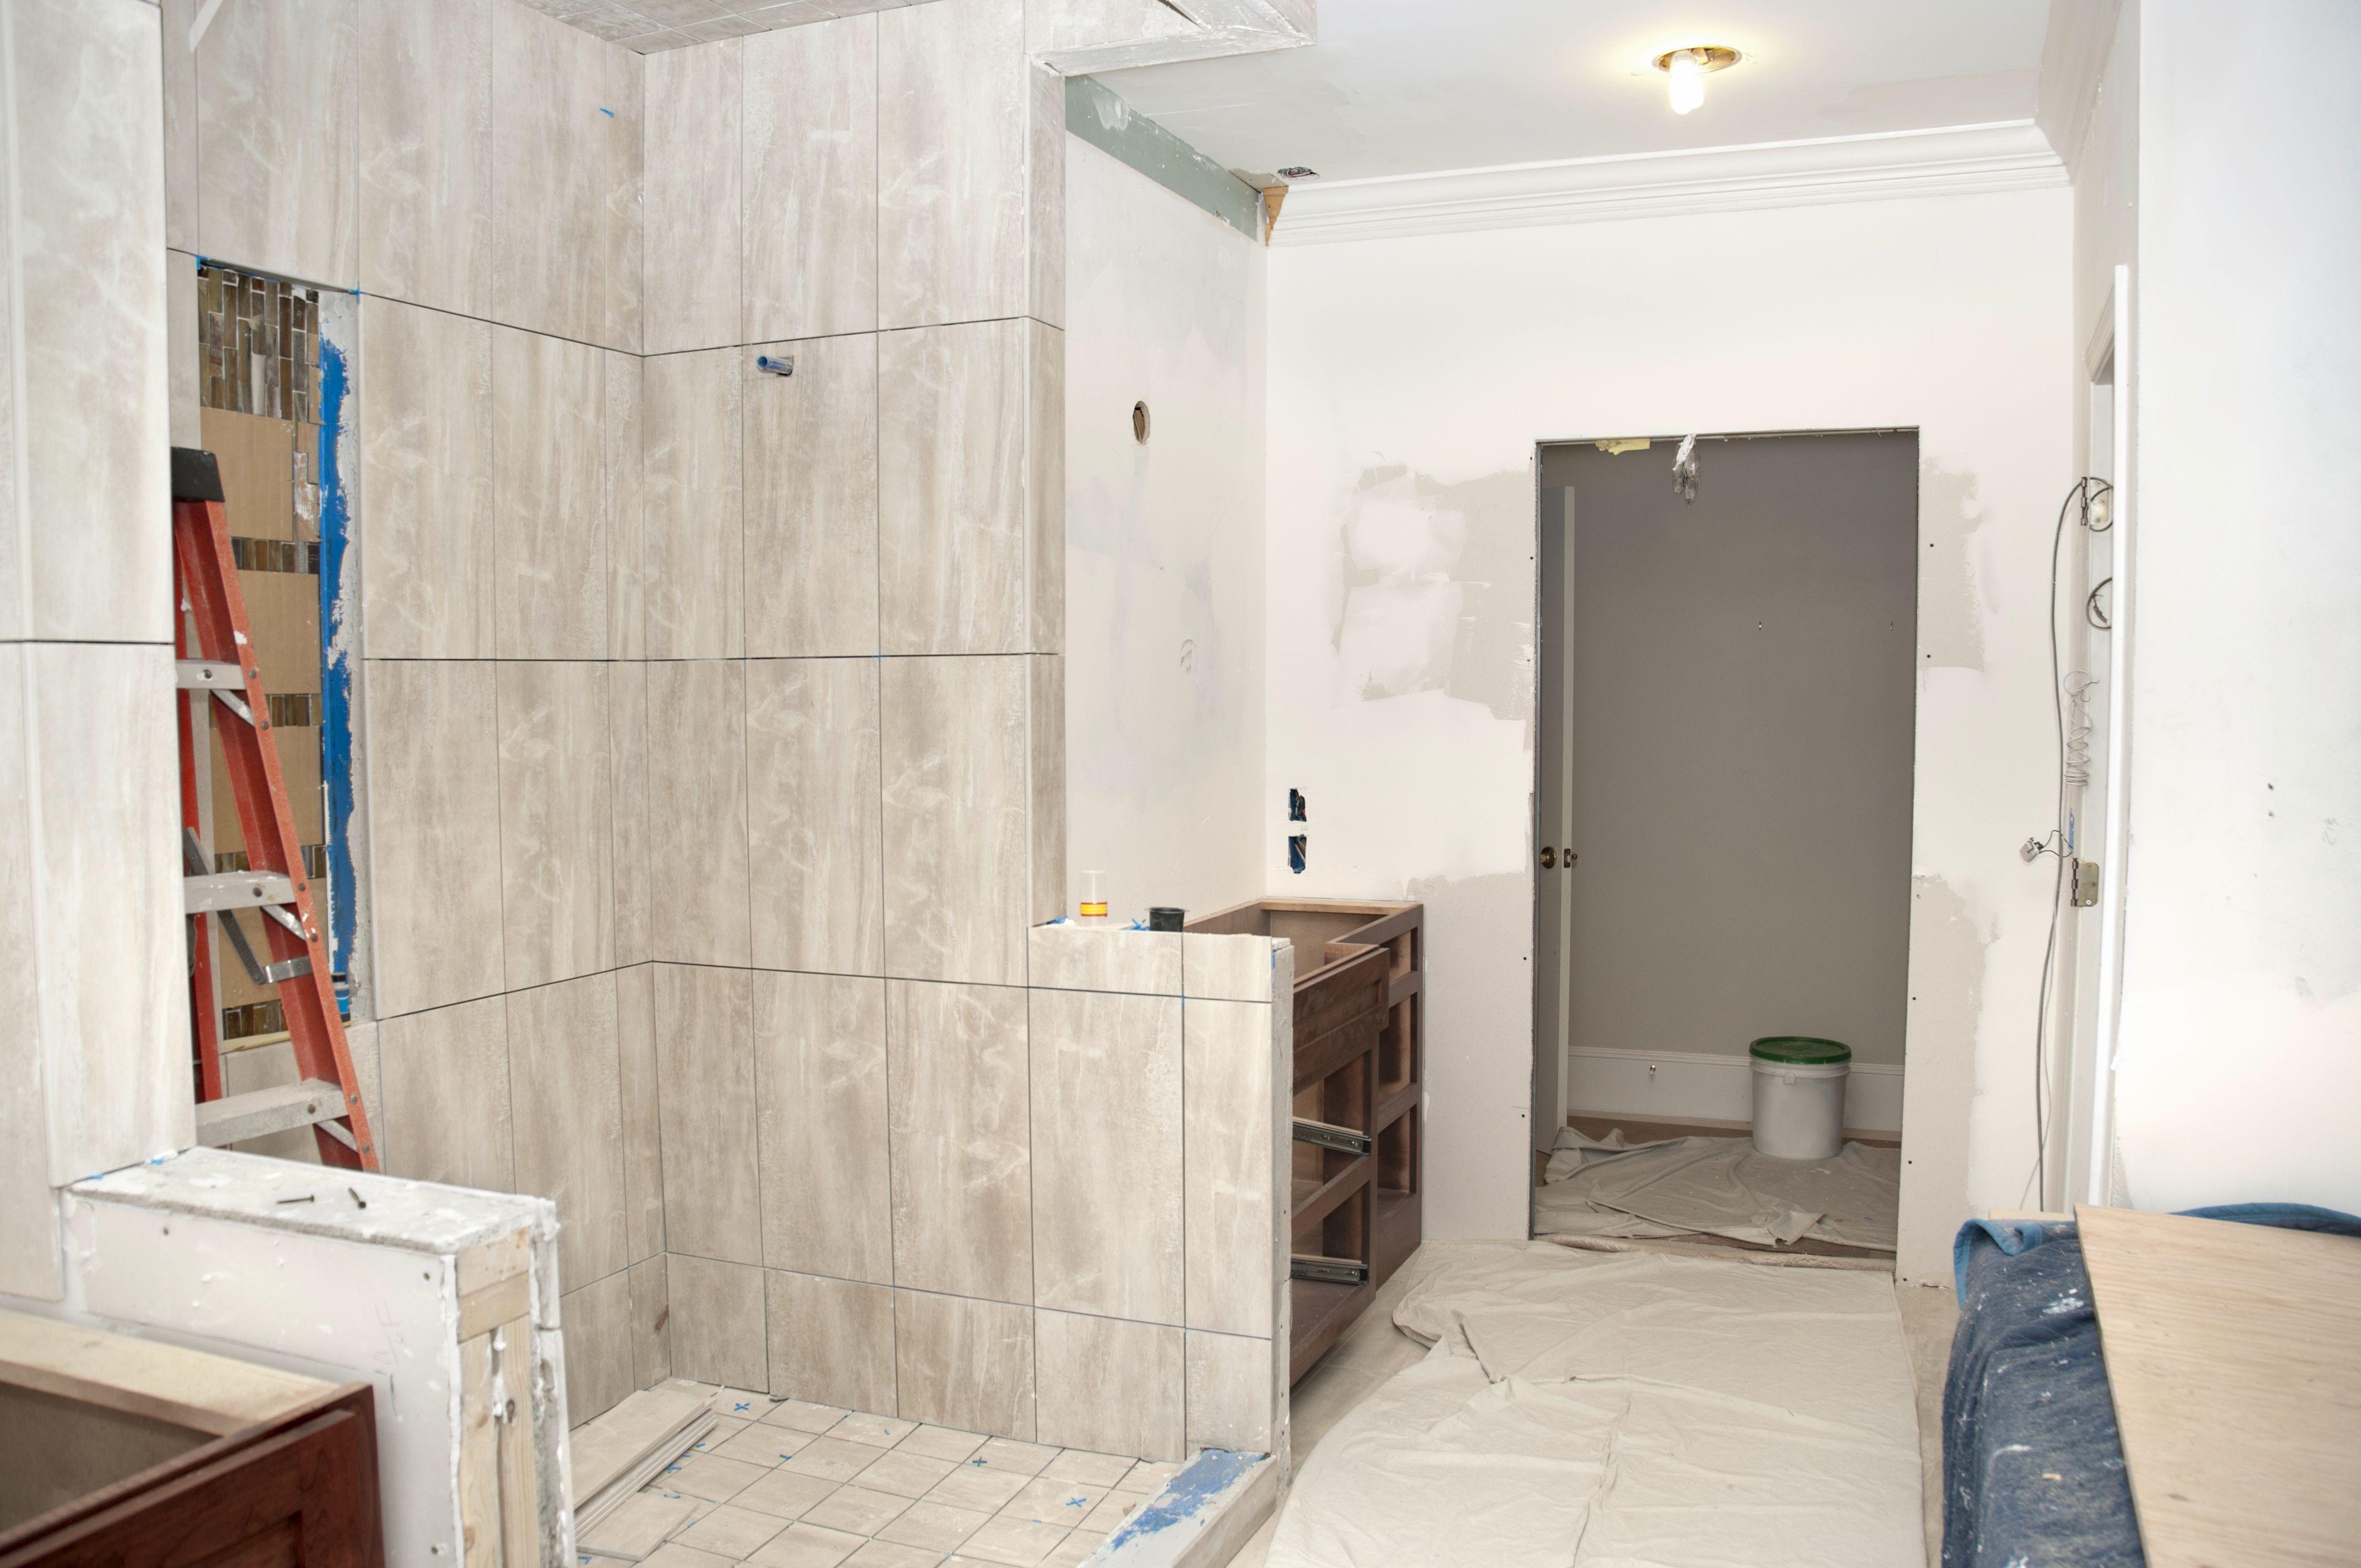 Reformas de baños y cocinas: Servicios de Mudanzas Jumbo y Ducato